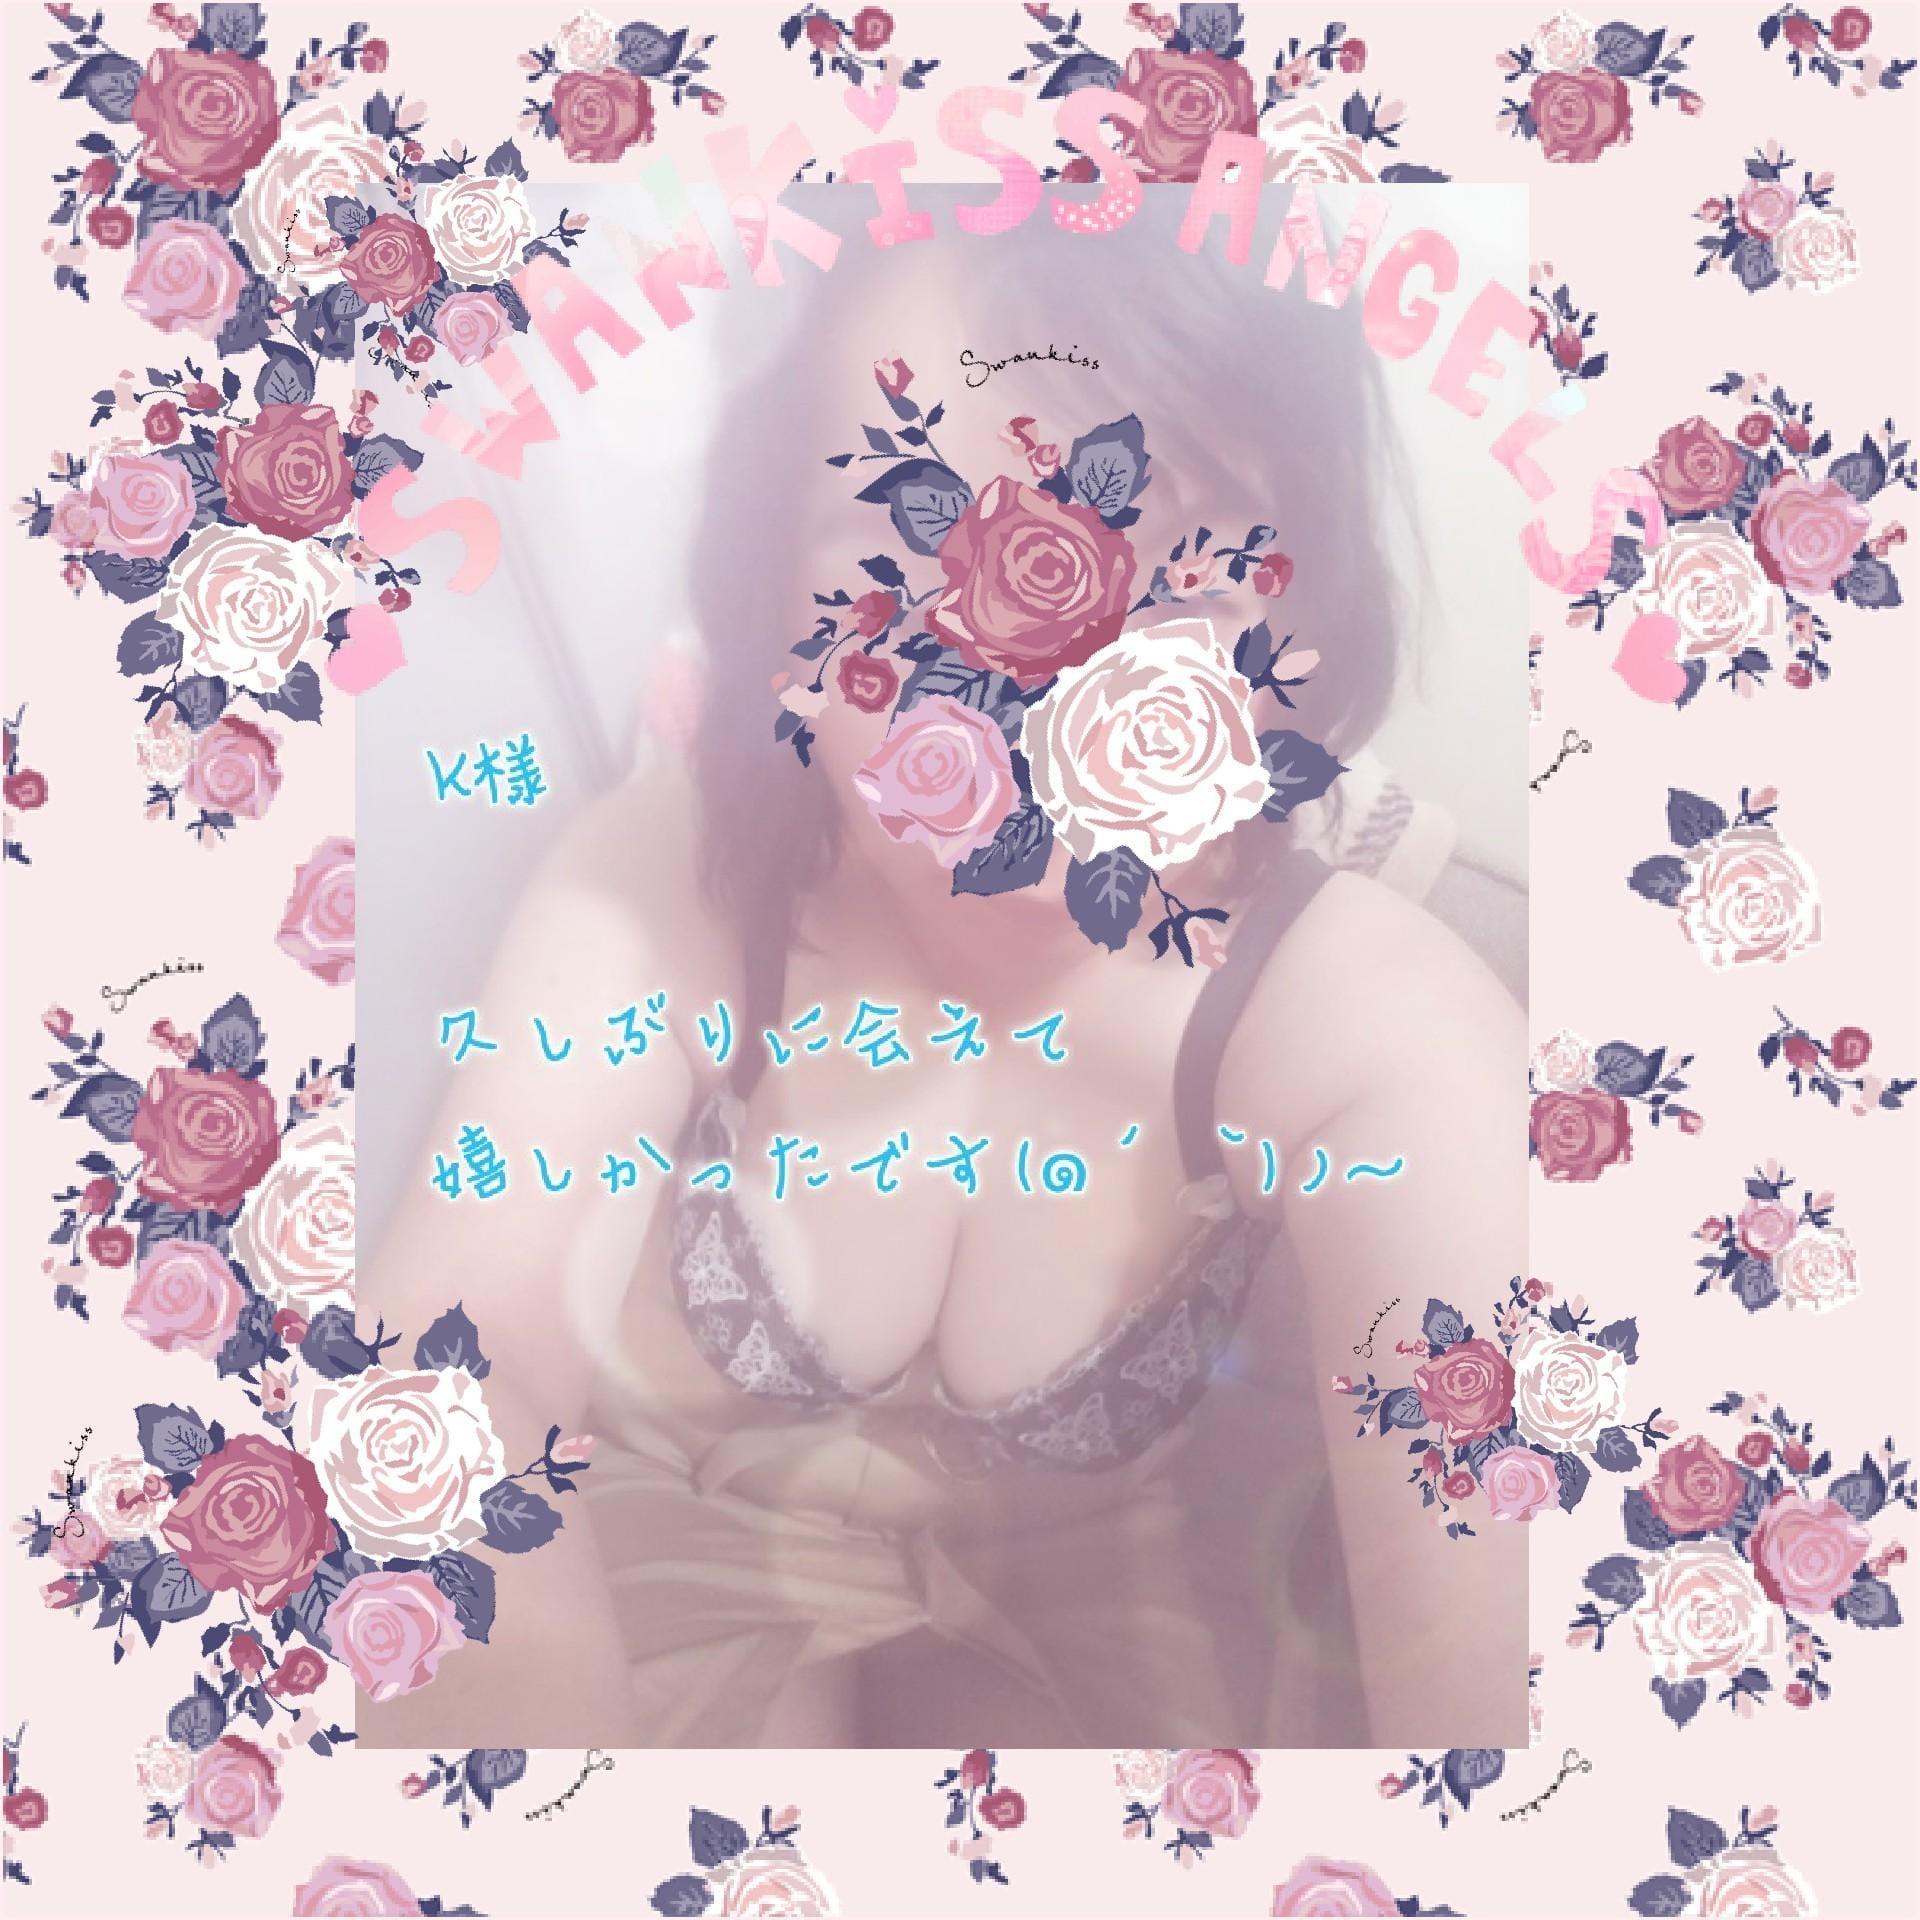 「K様☆」09/12(09/12) 22:32 | このみの写メ・風俗動画